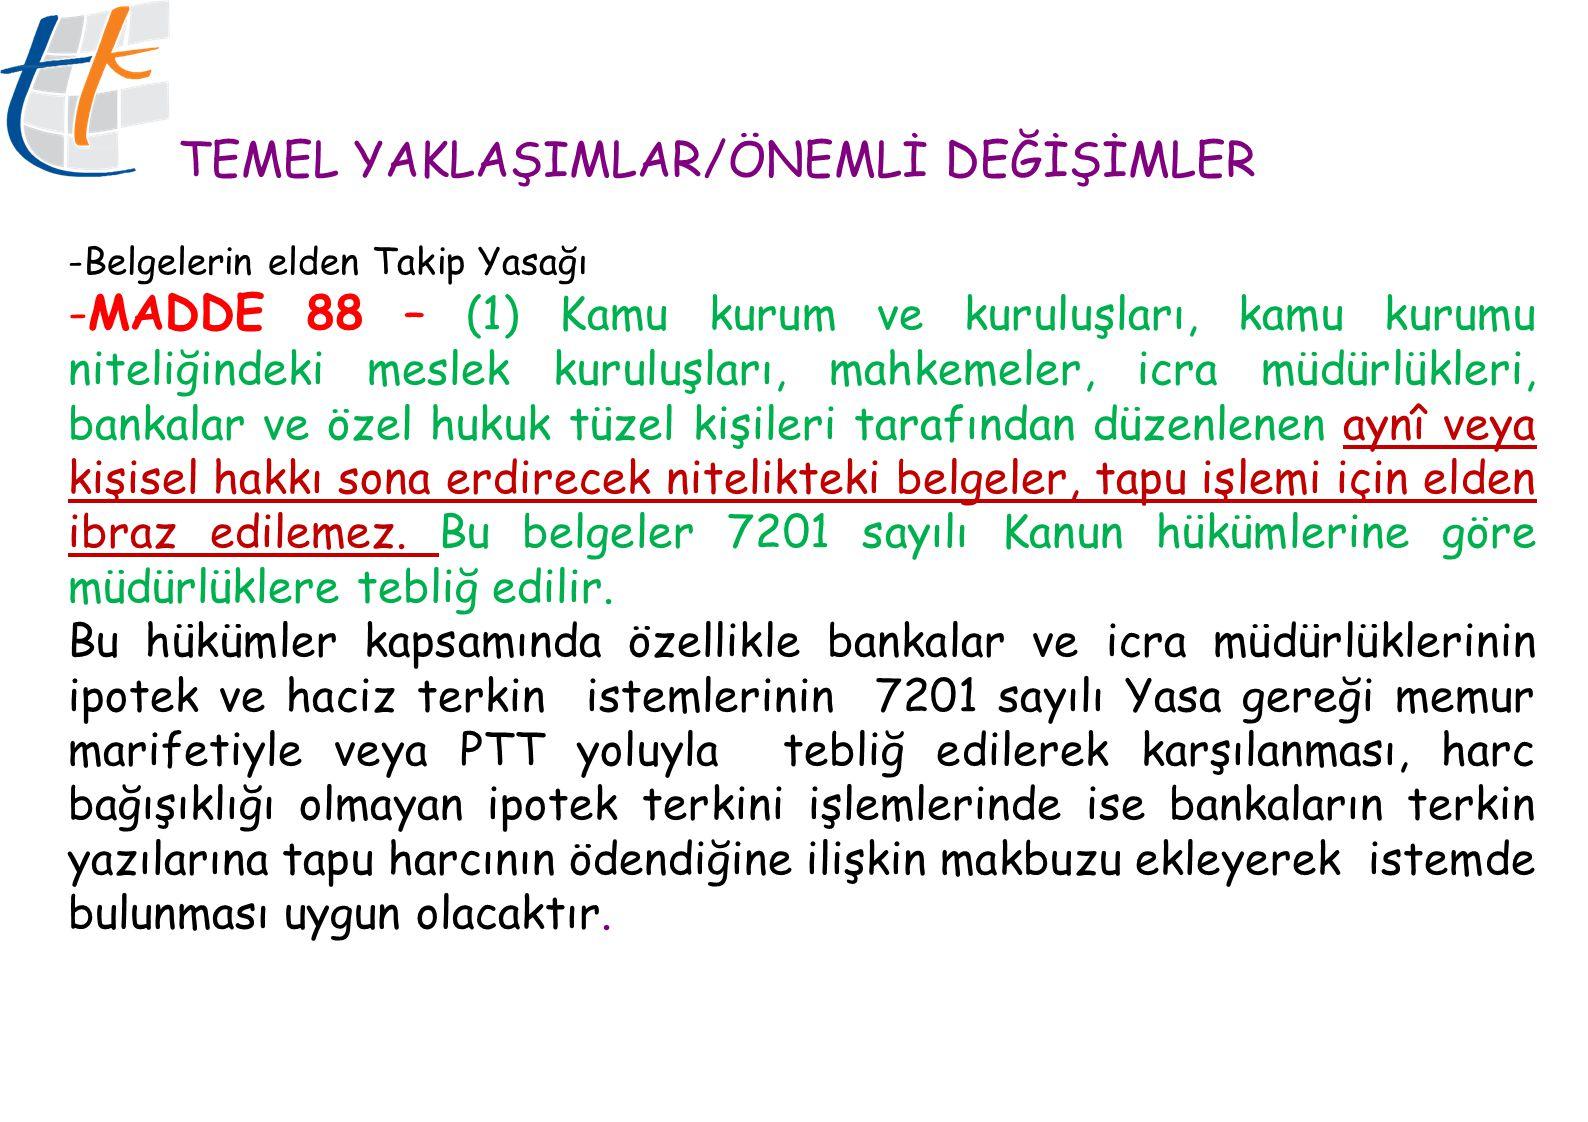 VEKALET/YETKİ BELGESİ/YABANCILAR Madde 18/4: Vekaletnamelerde vekalet verenin imzalarının bulunması gerekiyor.